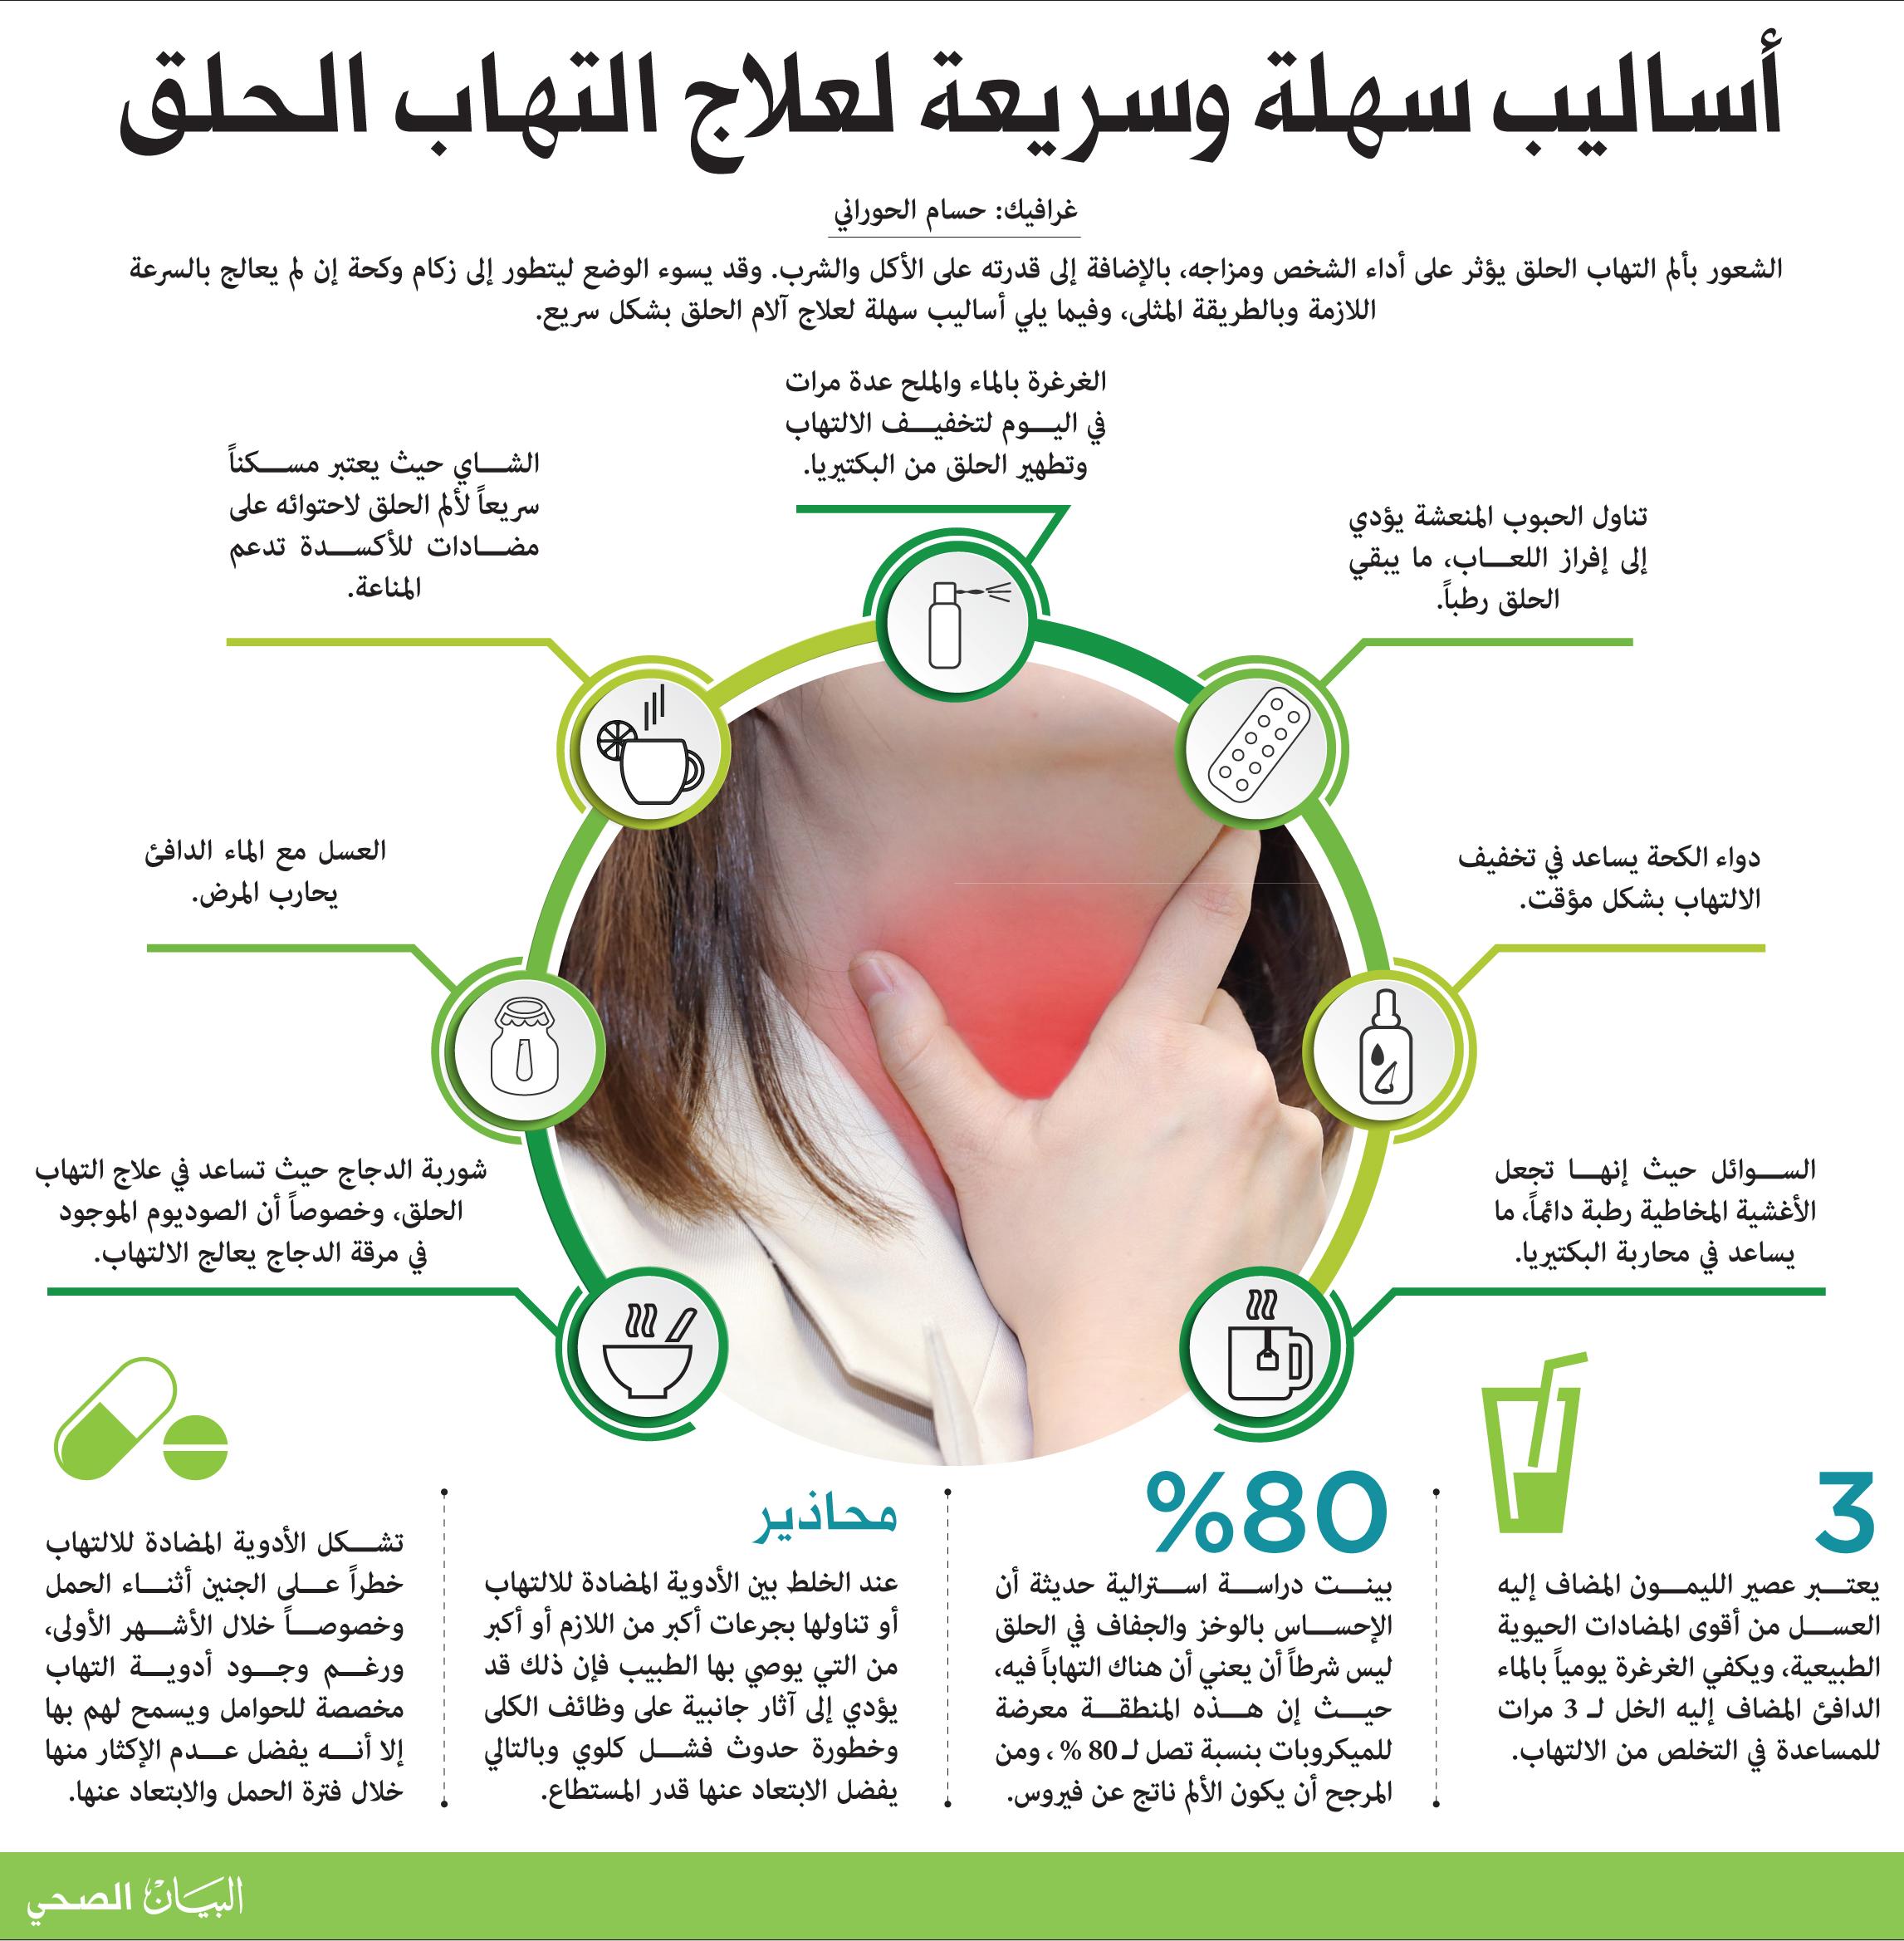 صورة علاج التهاب الحلق , طرق علاج التهاب الحلق